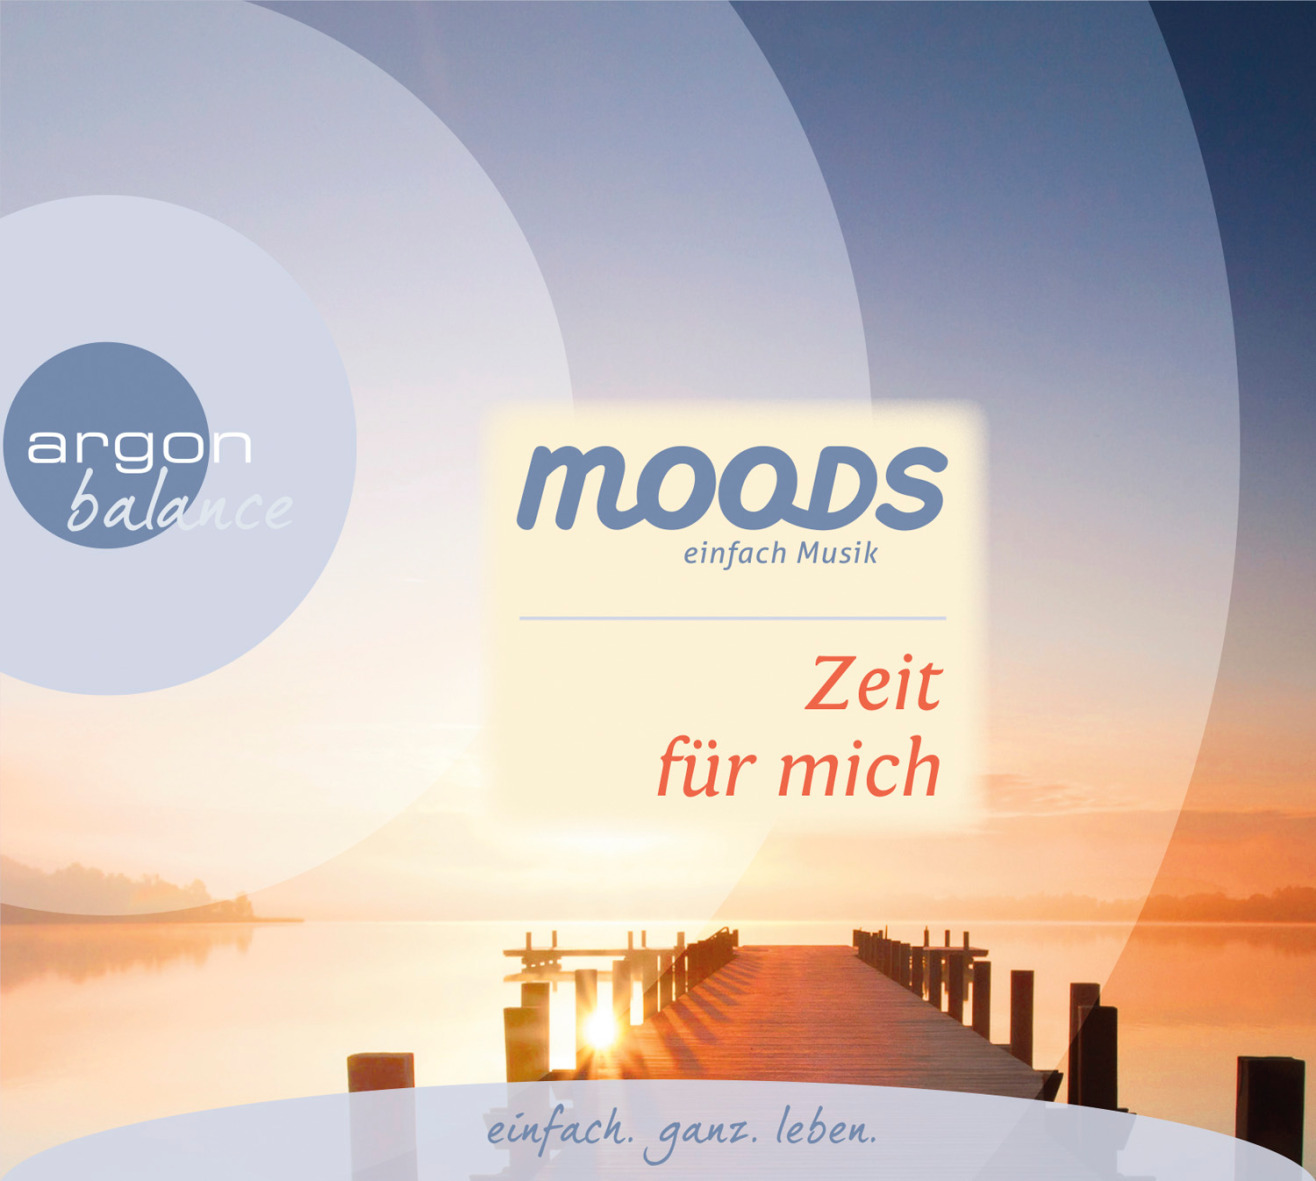 Moods - Zeit für mich: Balance moods - einfach ...